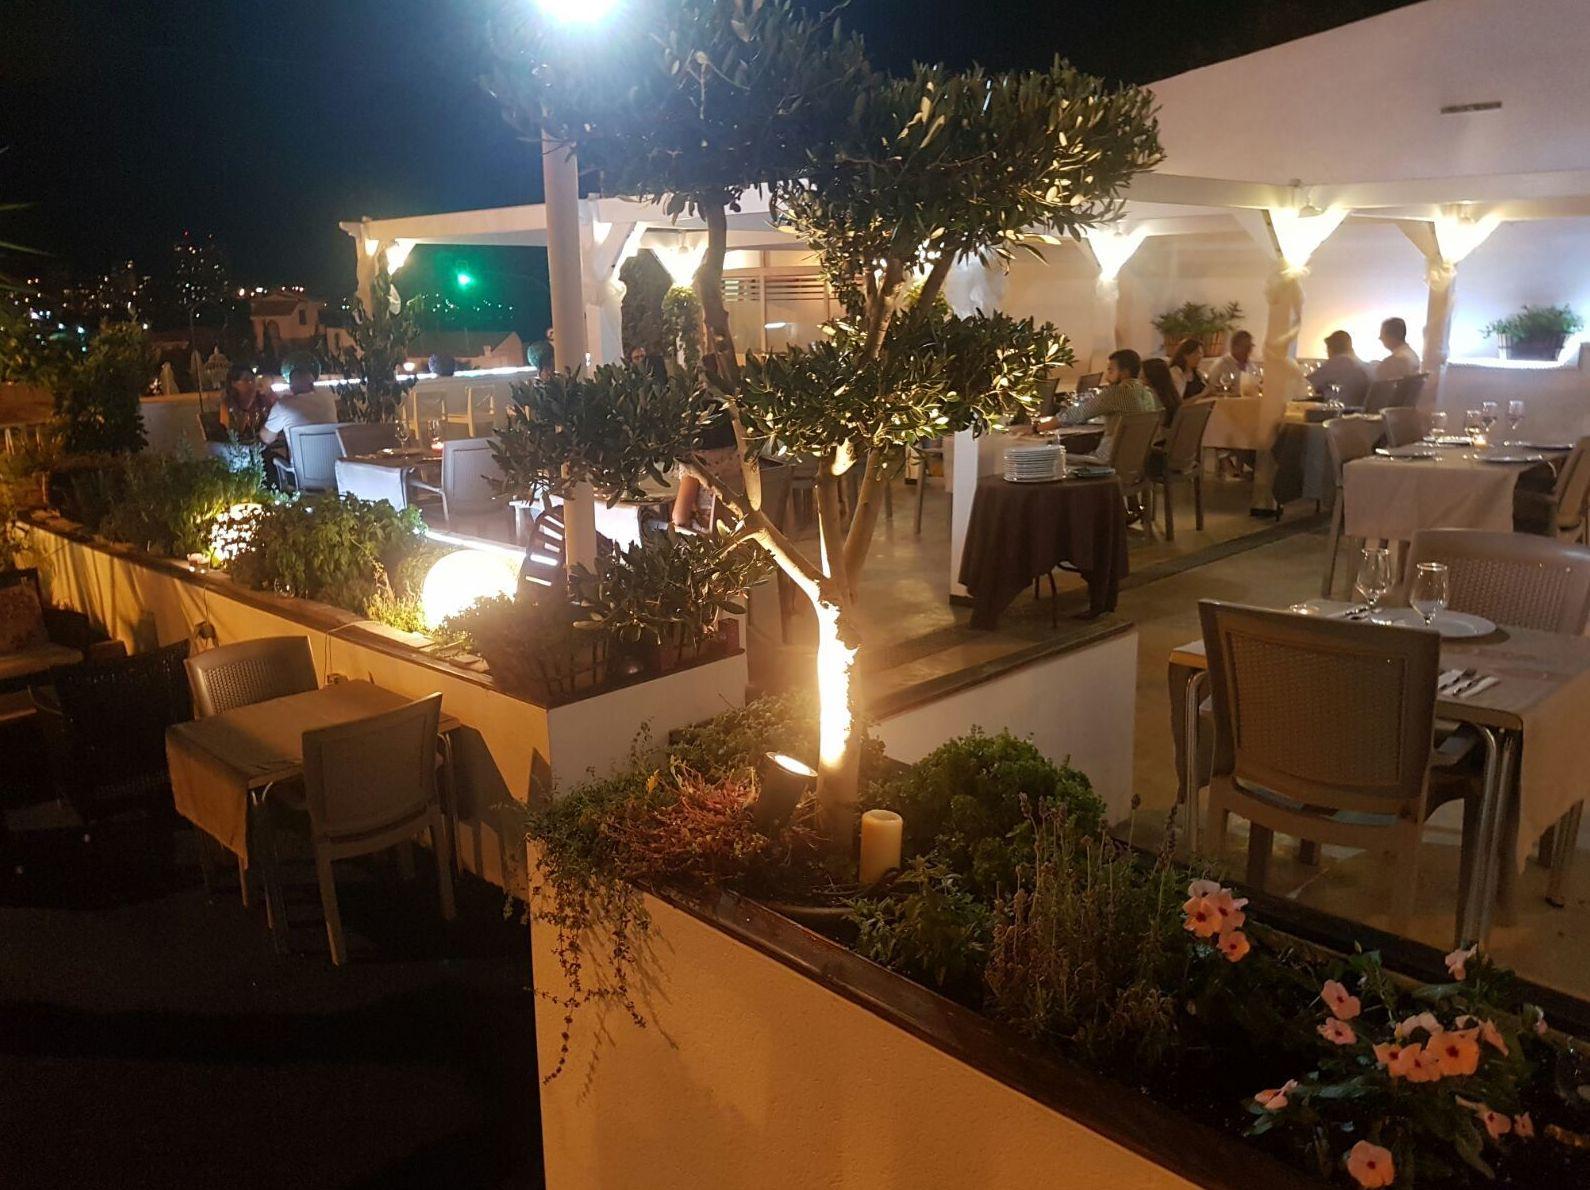 Foto 4 de Restaurante en Alicante | Restaurante Caruso